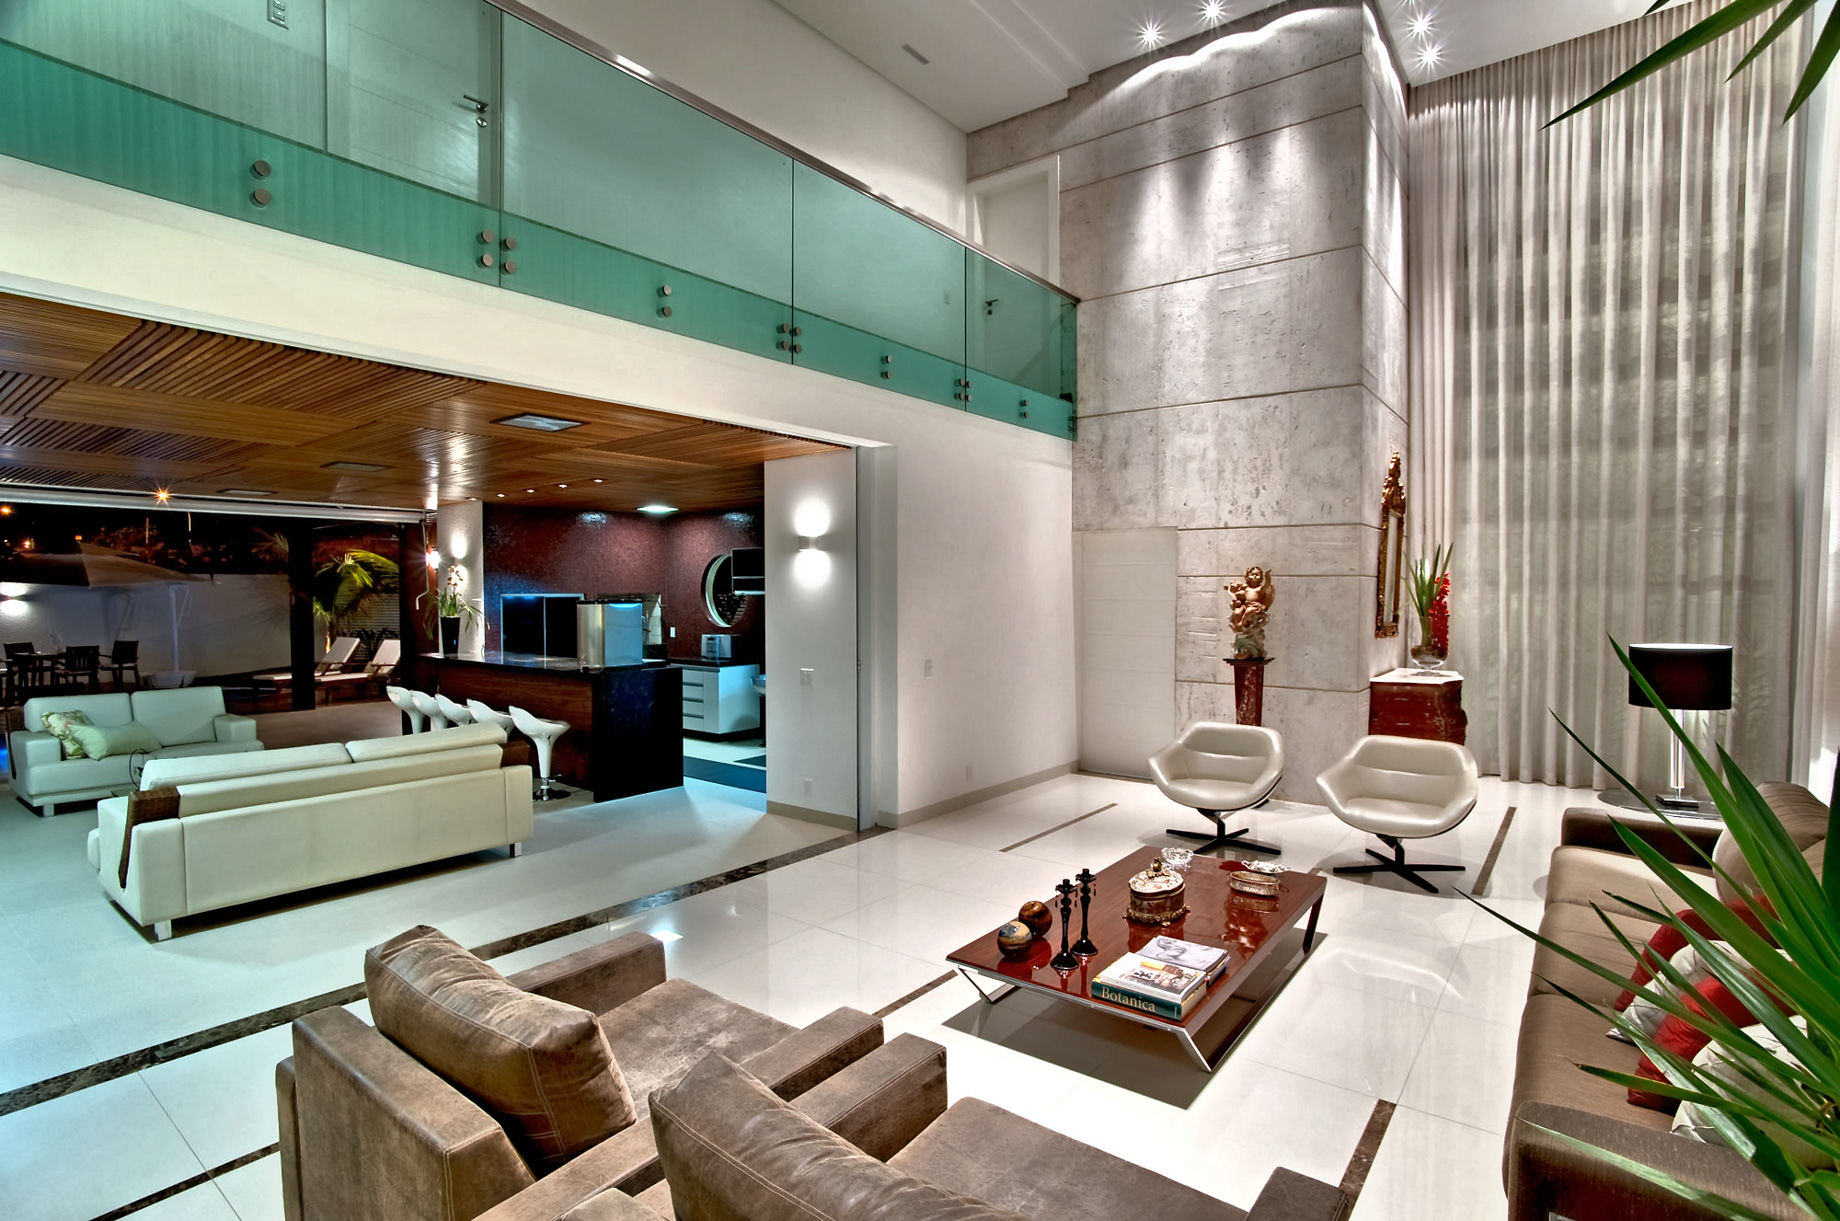 Maison de Atenas 038 – Goiânia, Goiás, Brésil